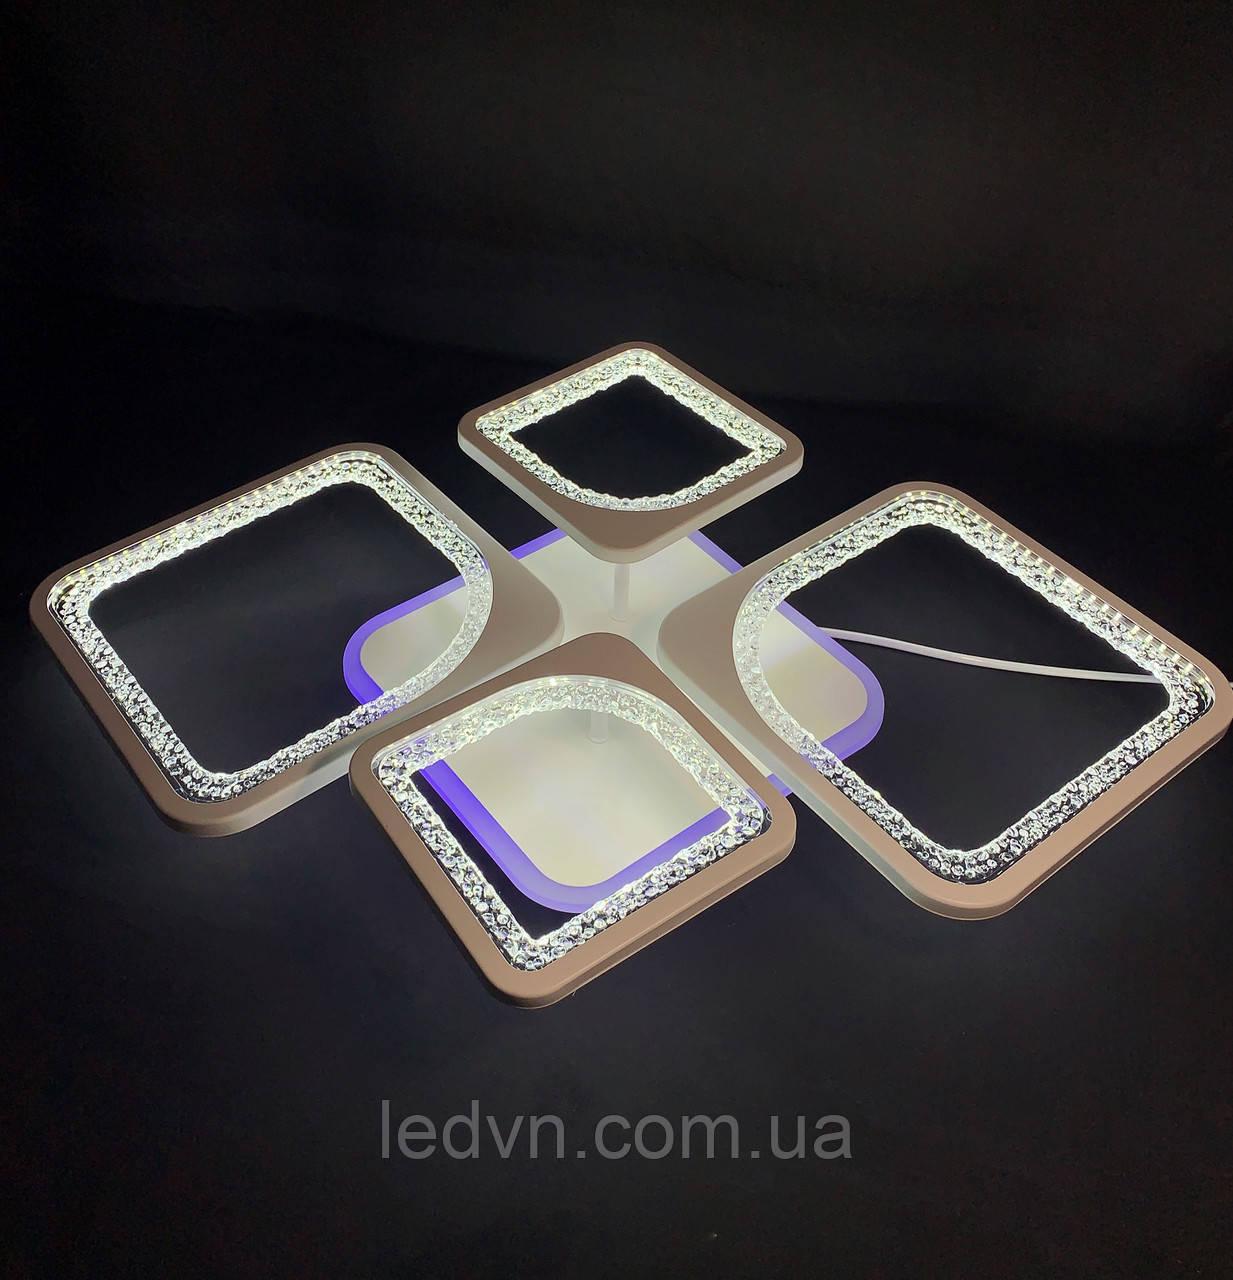 Светодиодная  люстра на 2+2 квадрата белая  65 ватт